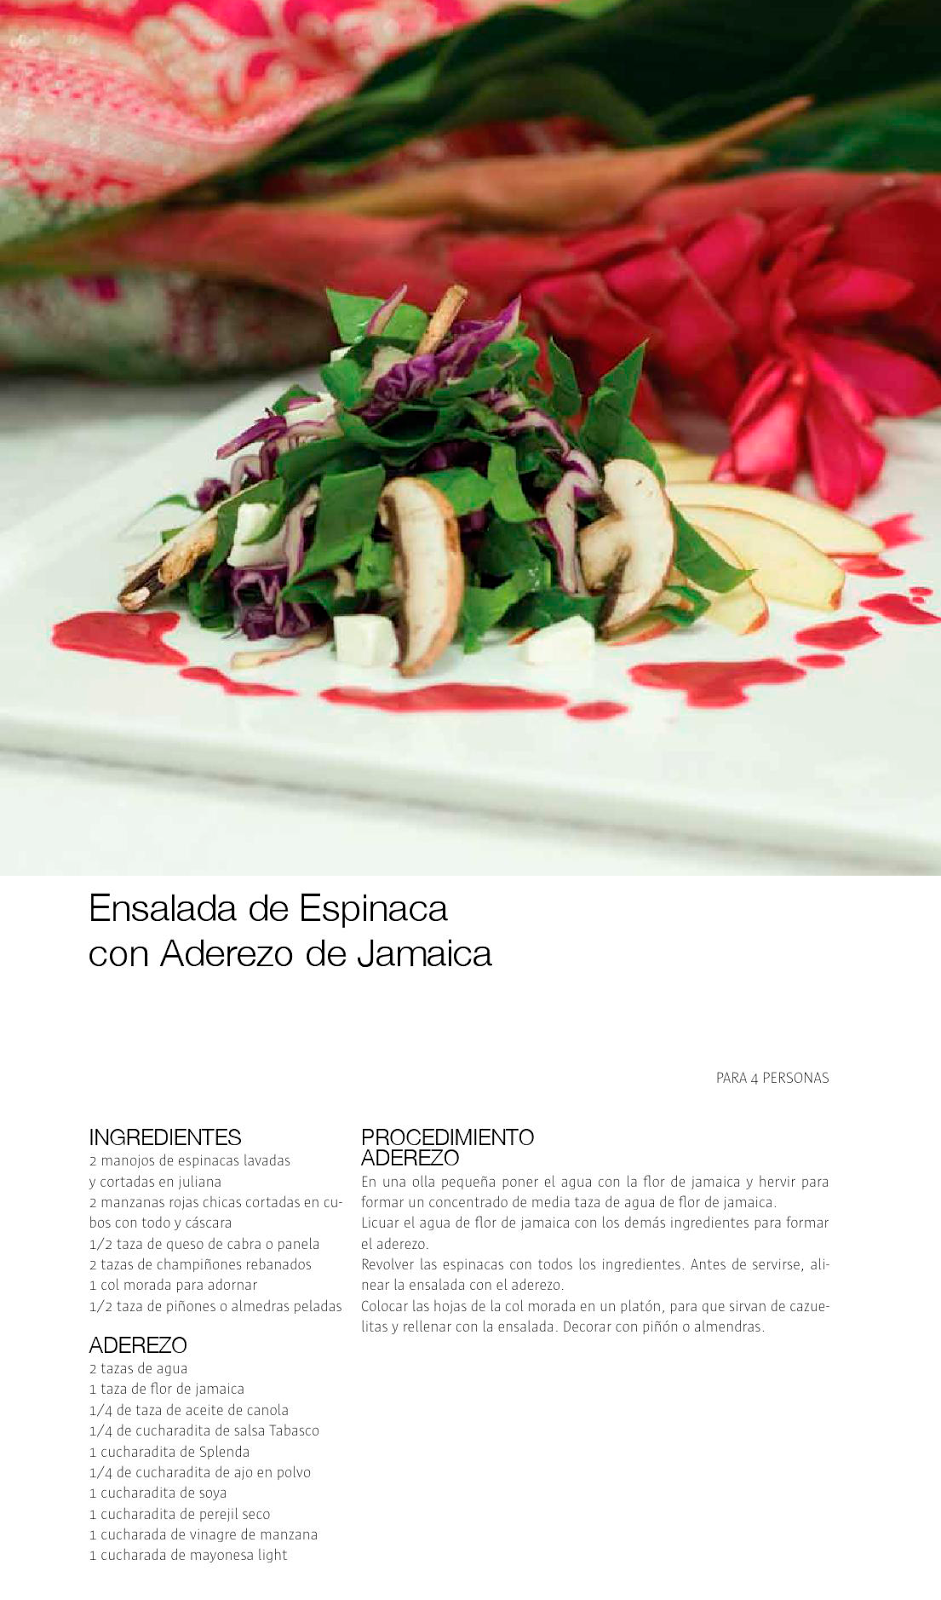 Ensalada de Espinaca